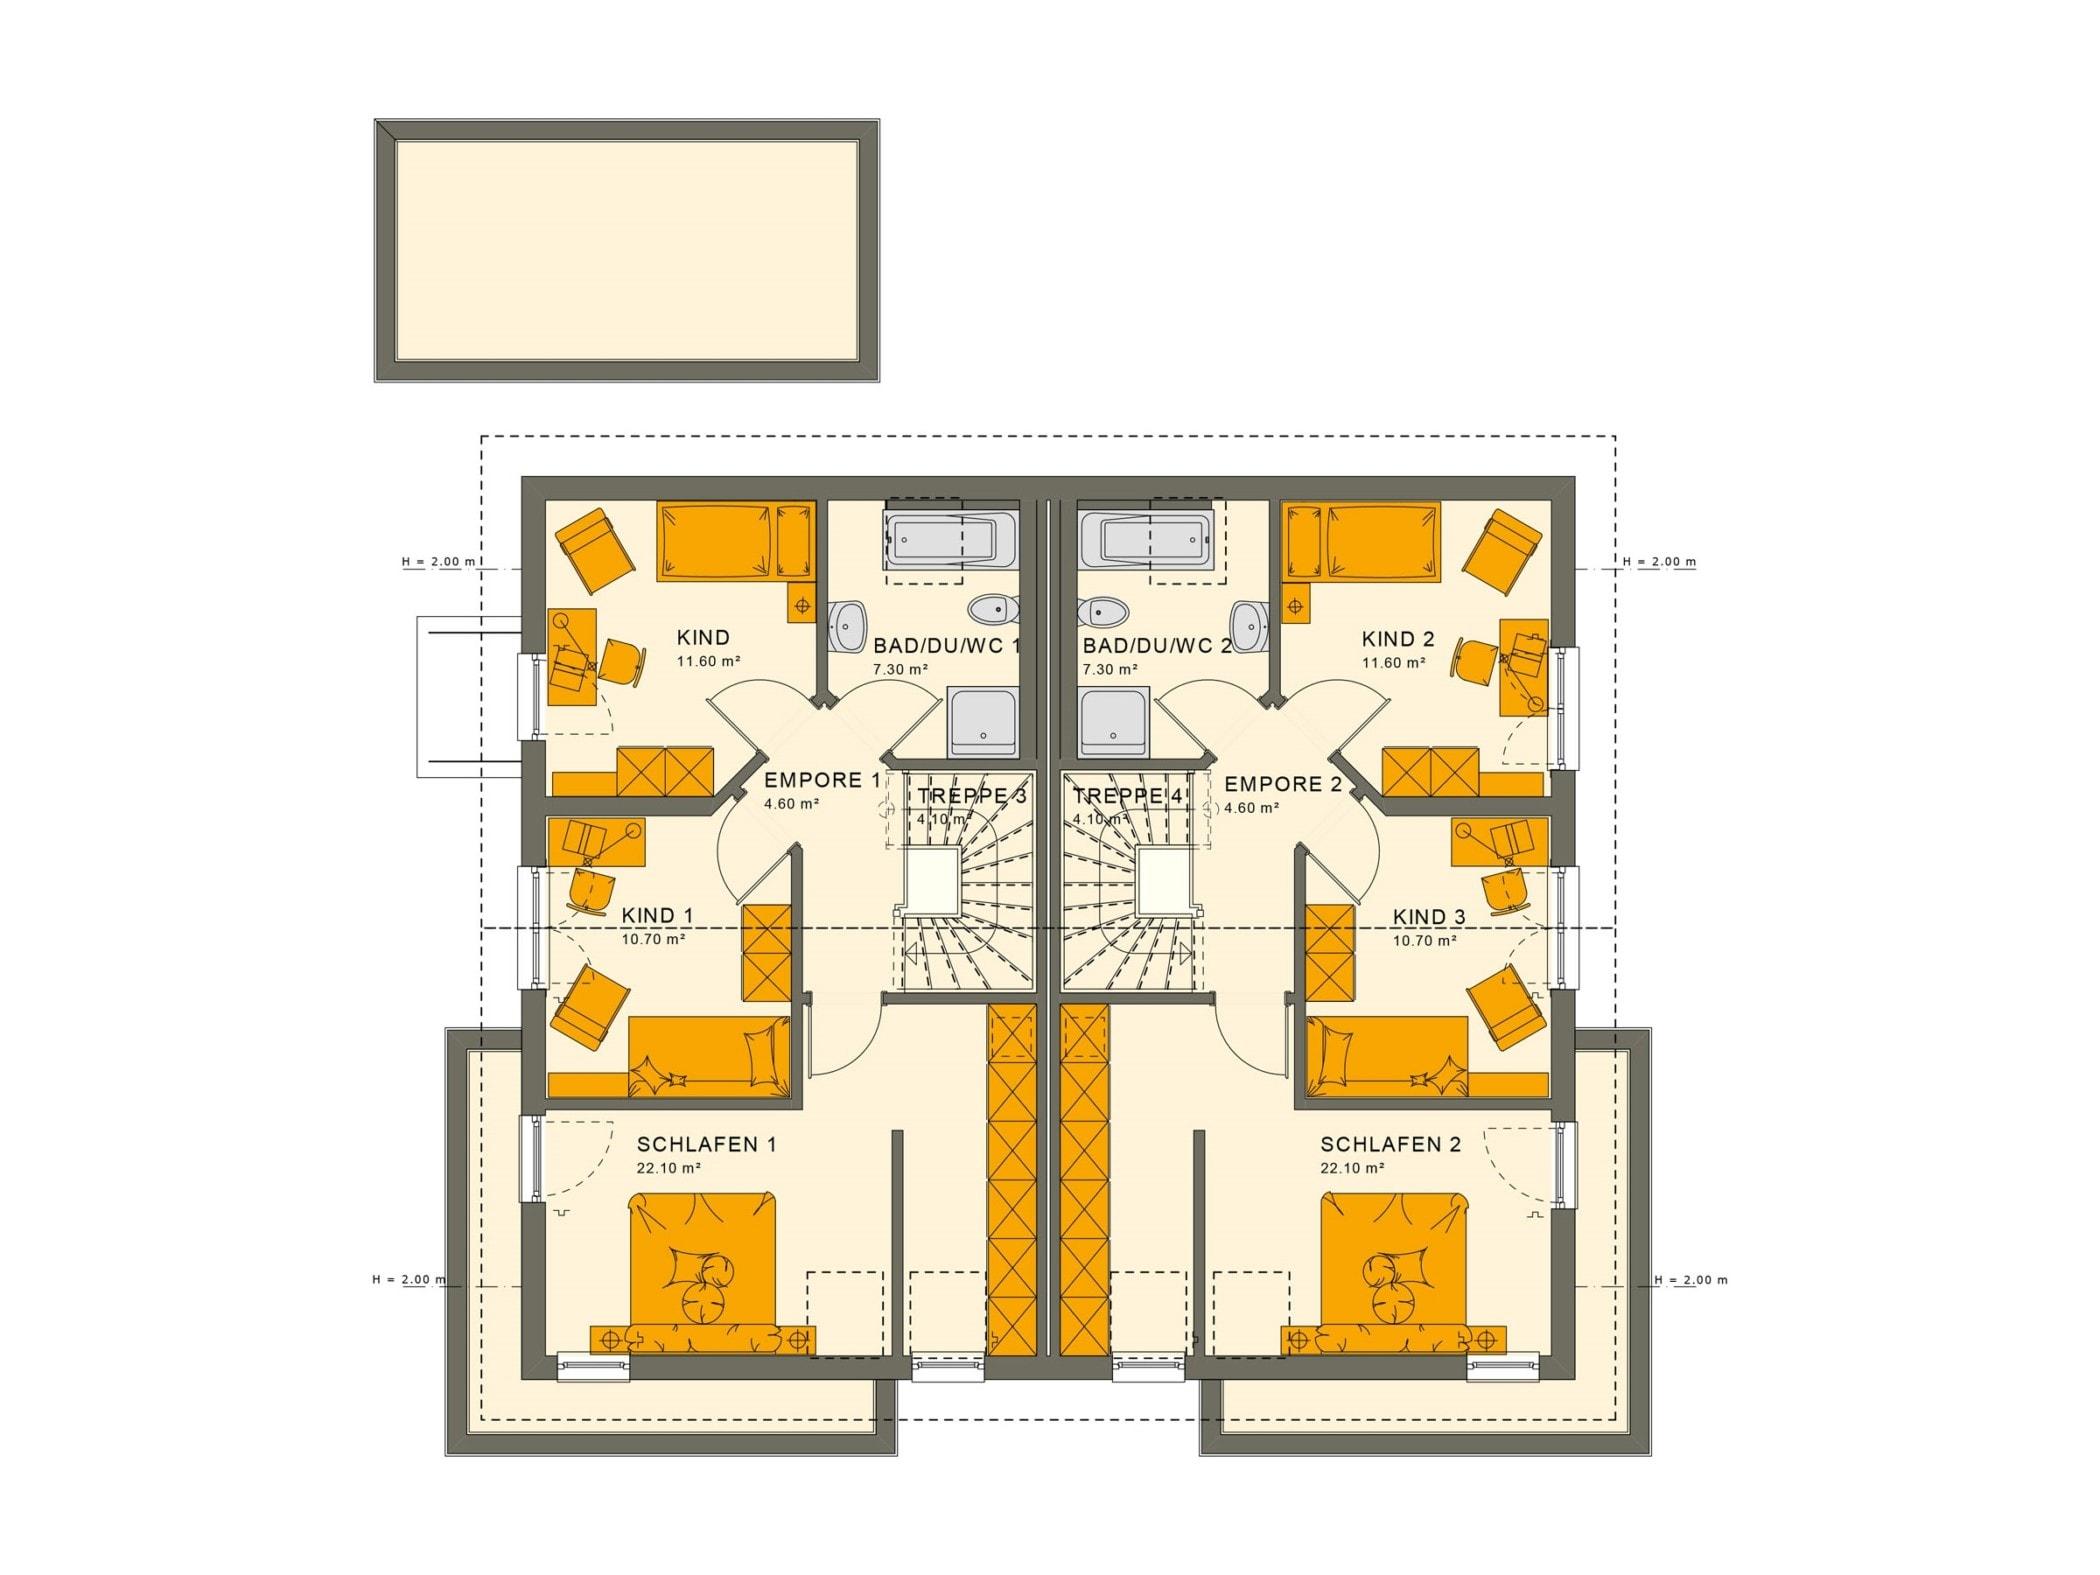 Zweifamilienhaus Grundriss Obergeschoss nebeneinander als Doppelhaus mit Satteldach Architektur - Mehrgenerationenhaus bauen Ideen Fertighaus SOLUTION 242 V5 von Living Haus - HausbauDirekt.de